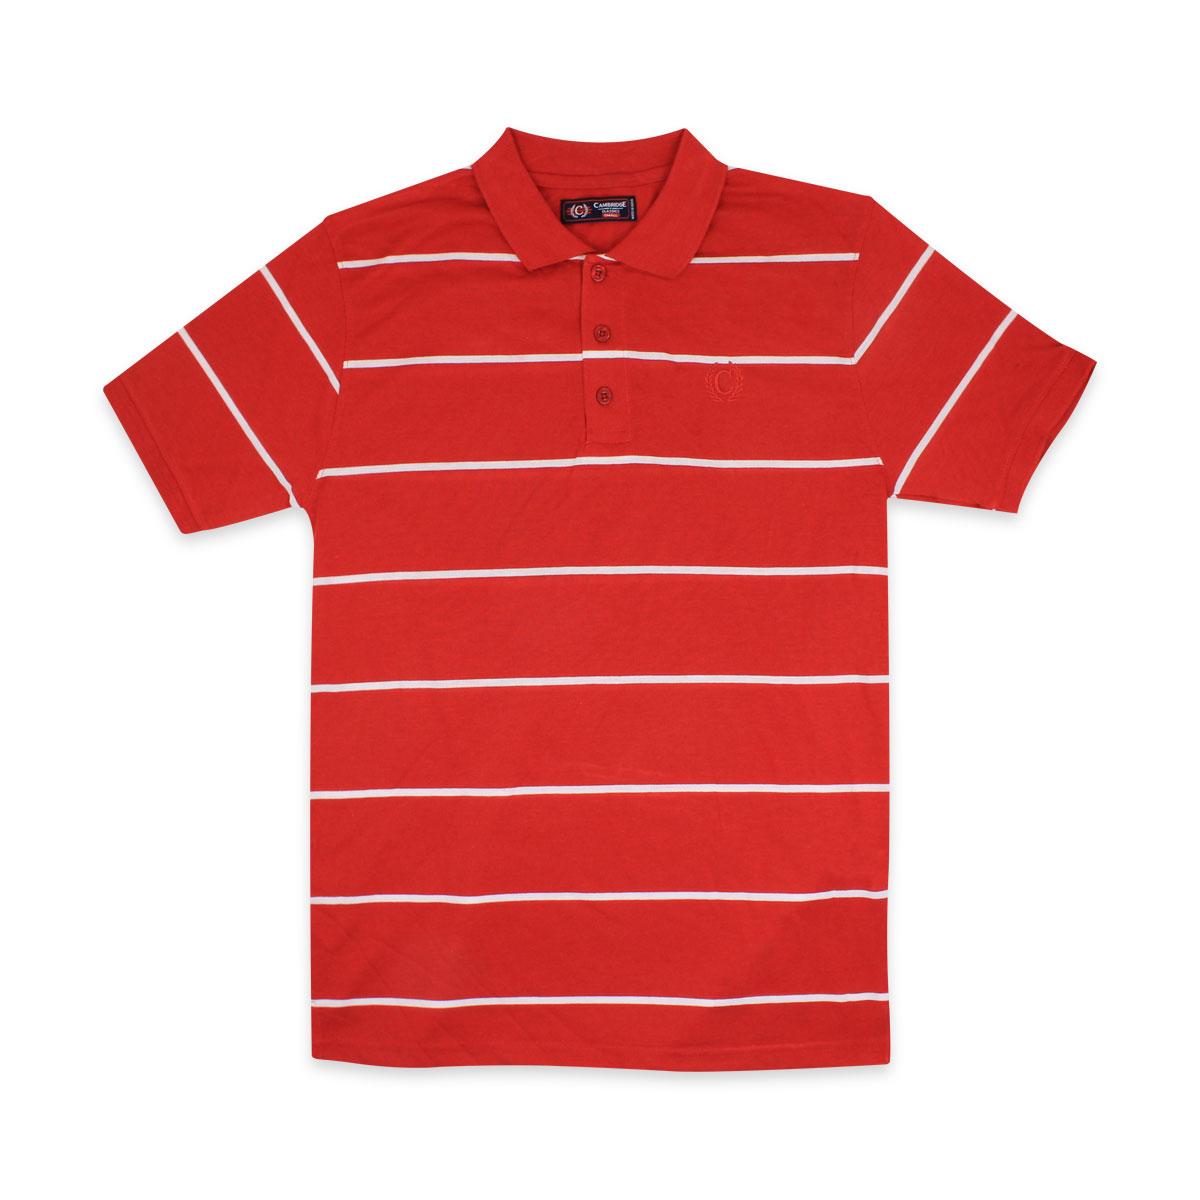 Camisas-Polo-Para-Hombre-A-Rayas-Pique-Con-Cuello-camiseta-Camiseta-Manga-Corta-De-Verano-S-M-L-XL miniatura 32